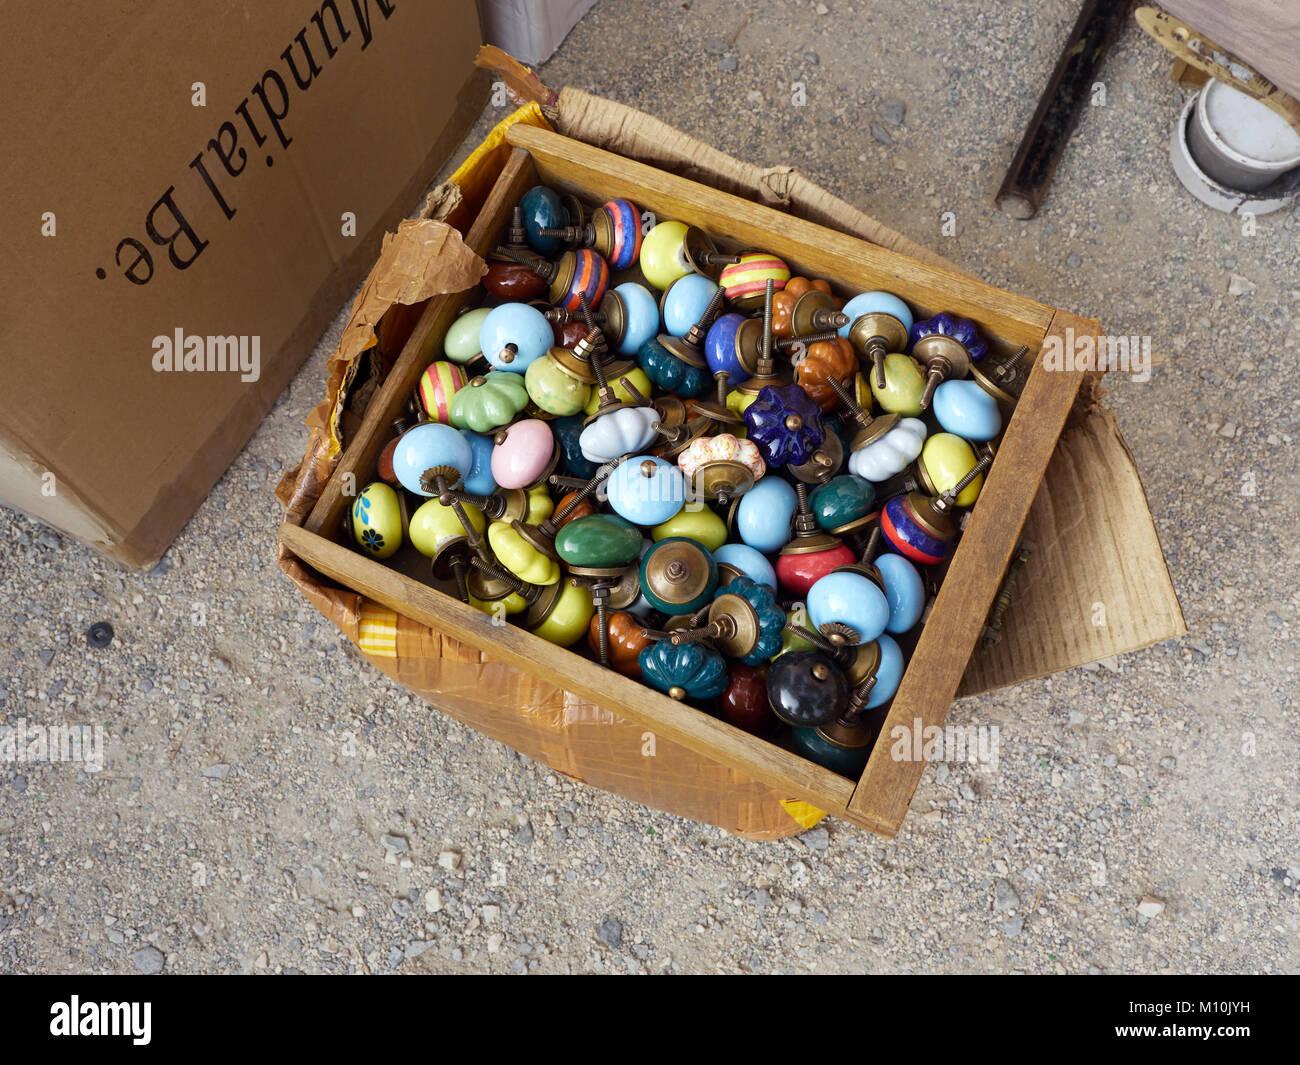 Doorknobs Stock Photos & Doorknobs Stock Images - Alamy